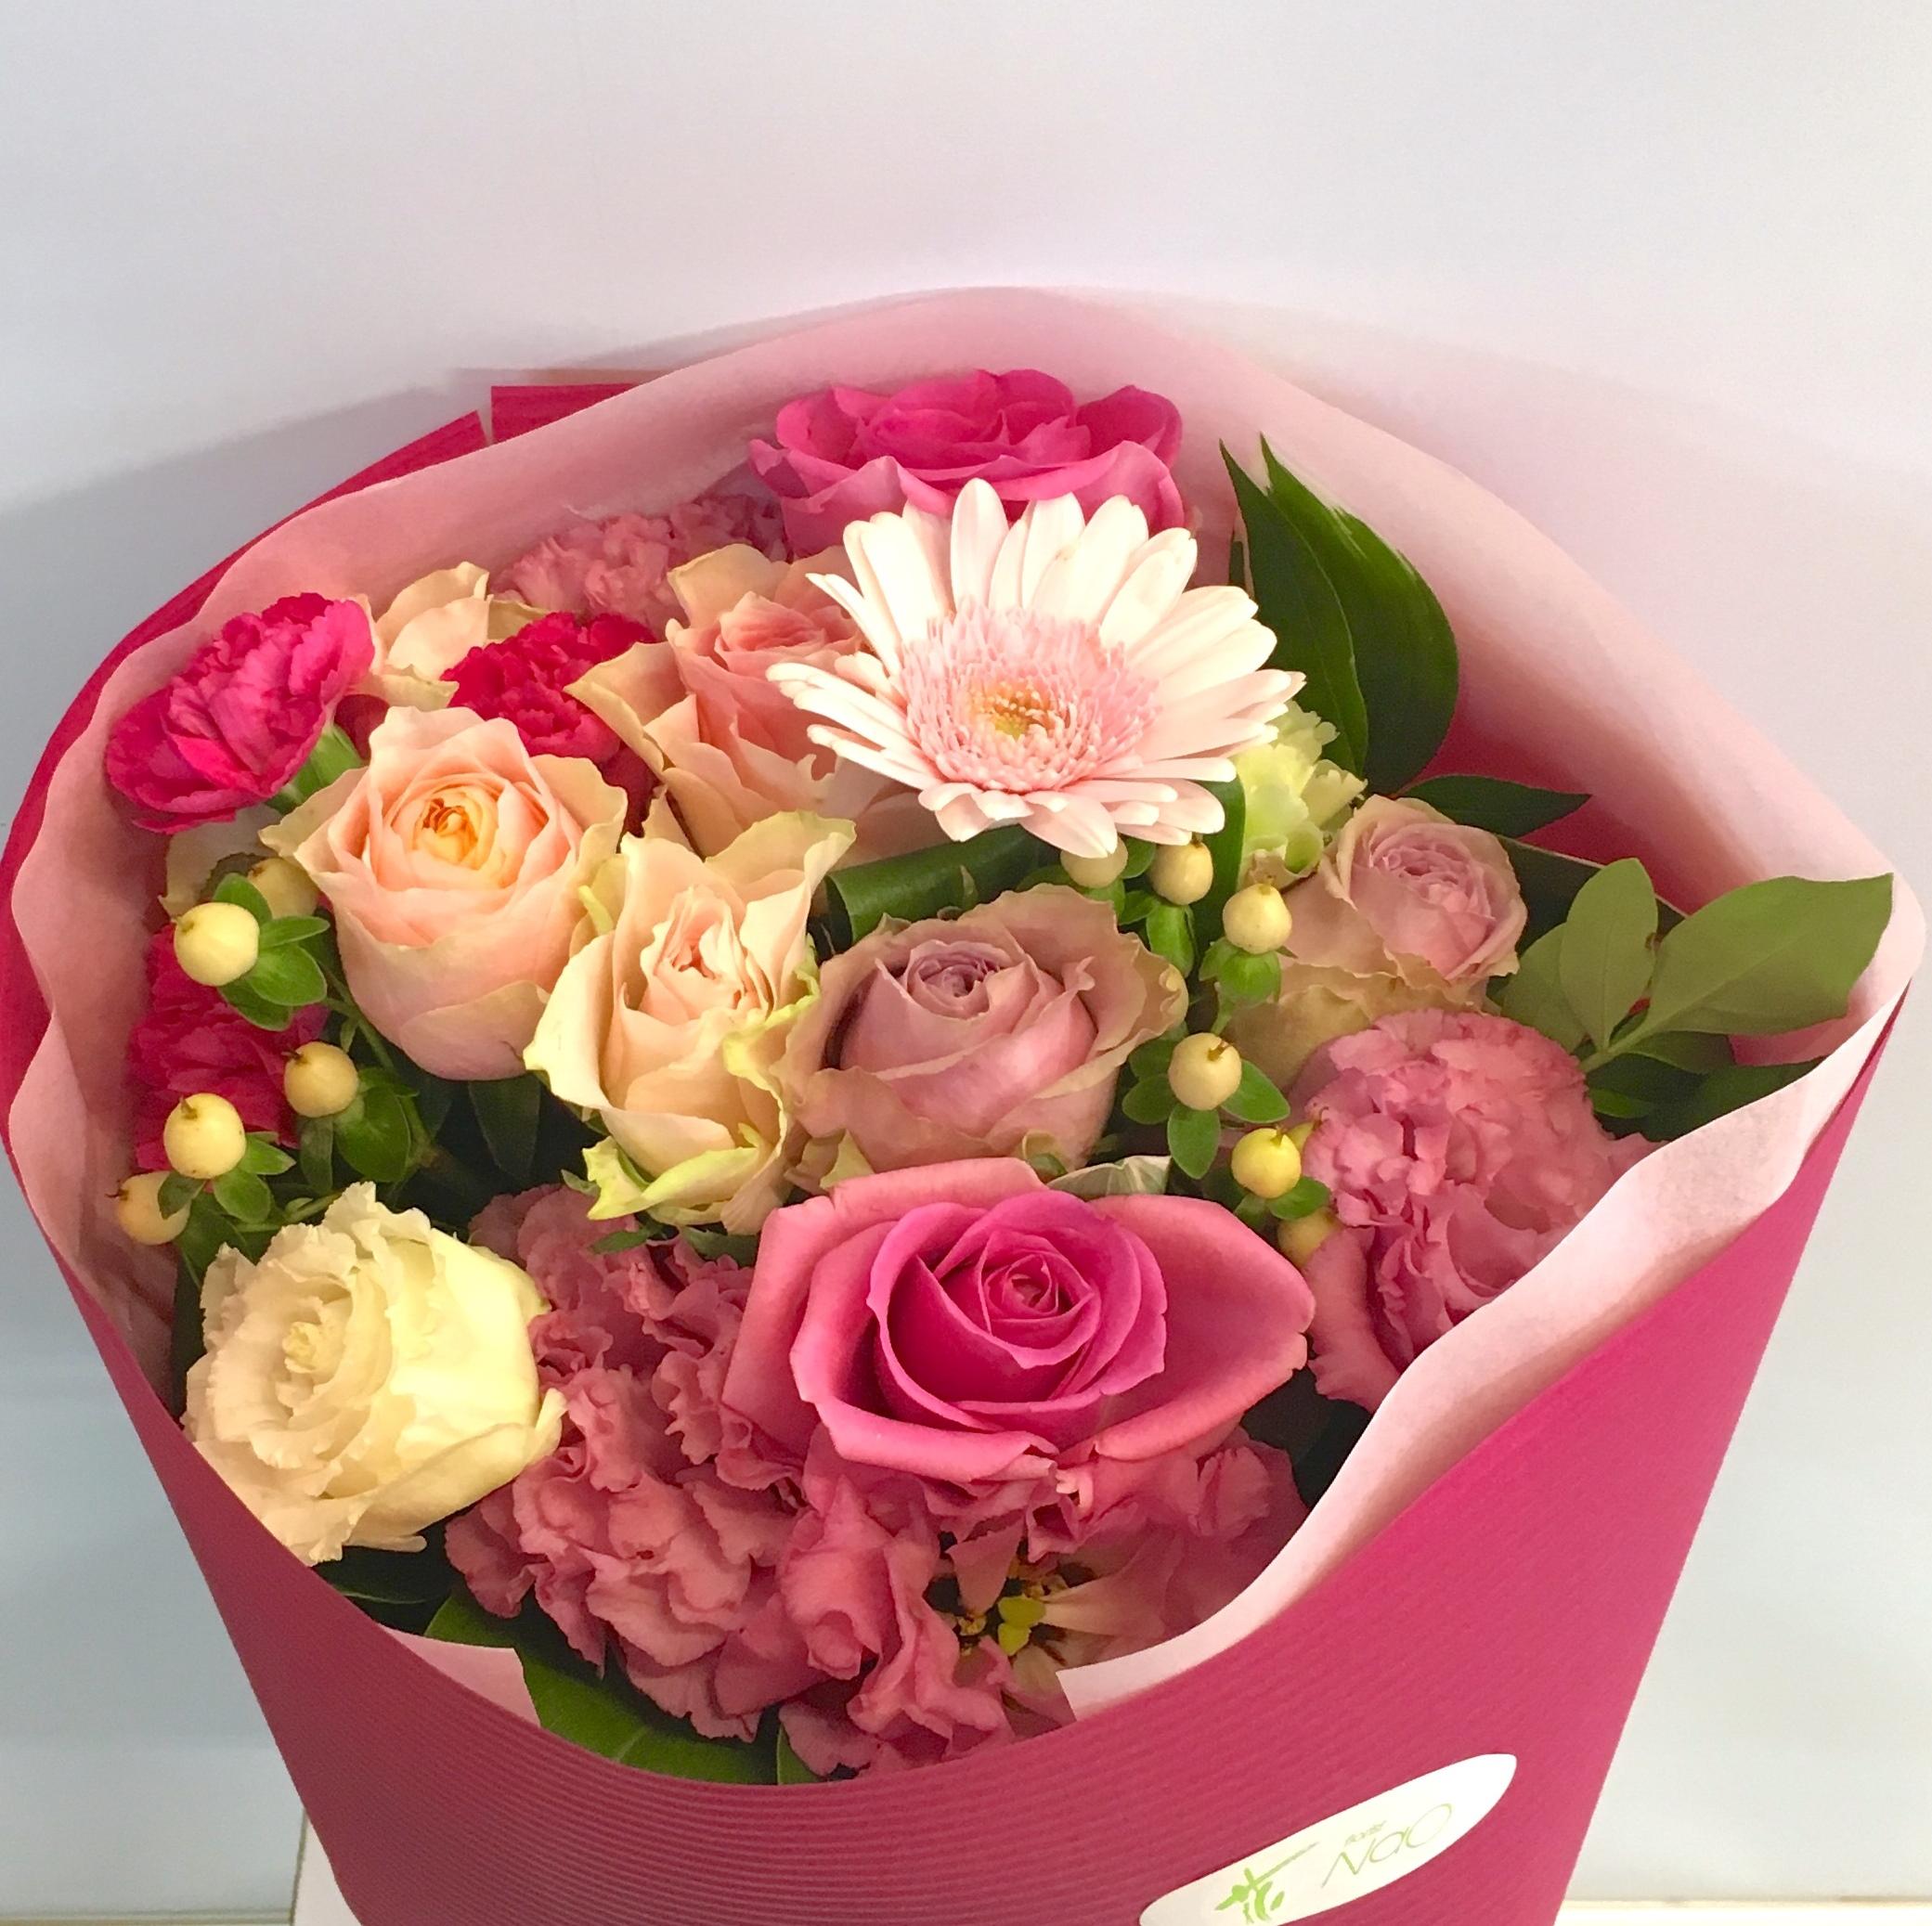 【ナオ花屋の納品事例57】横浜市中区関内の法人企業様へ花束を配達しました!